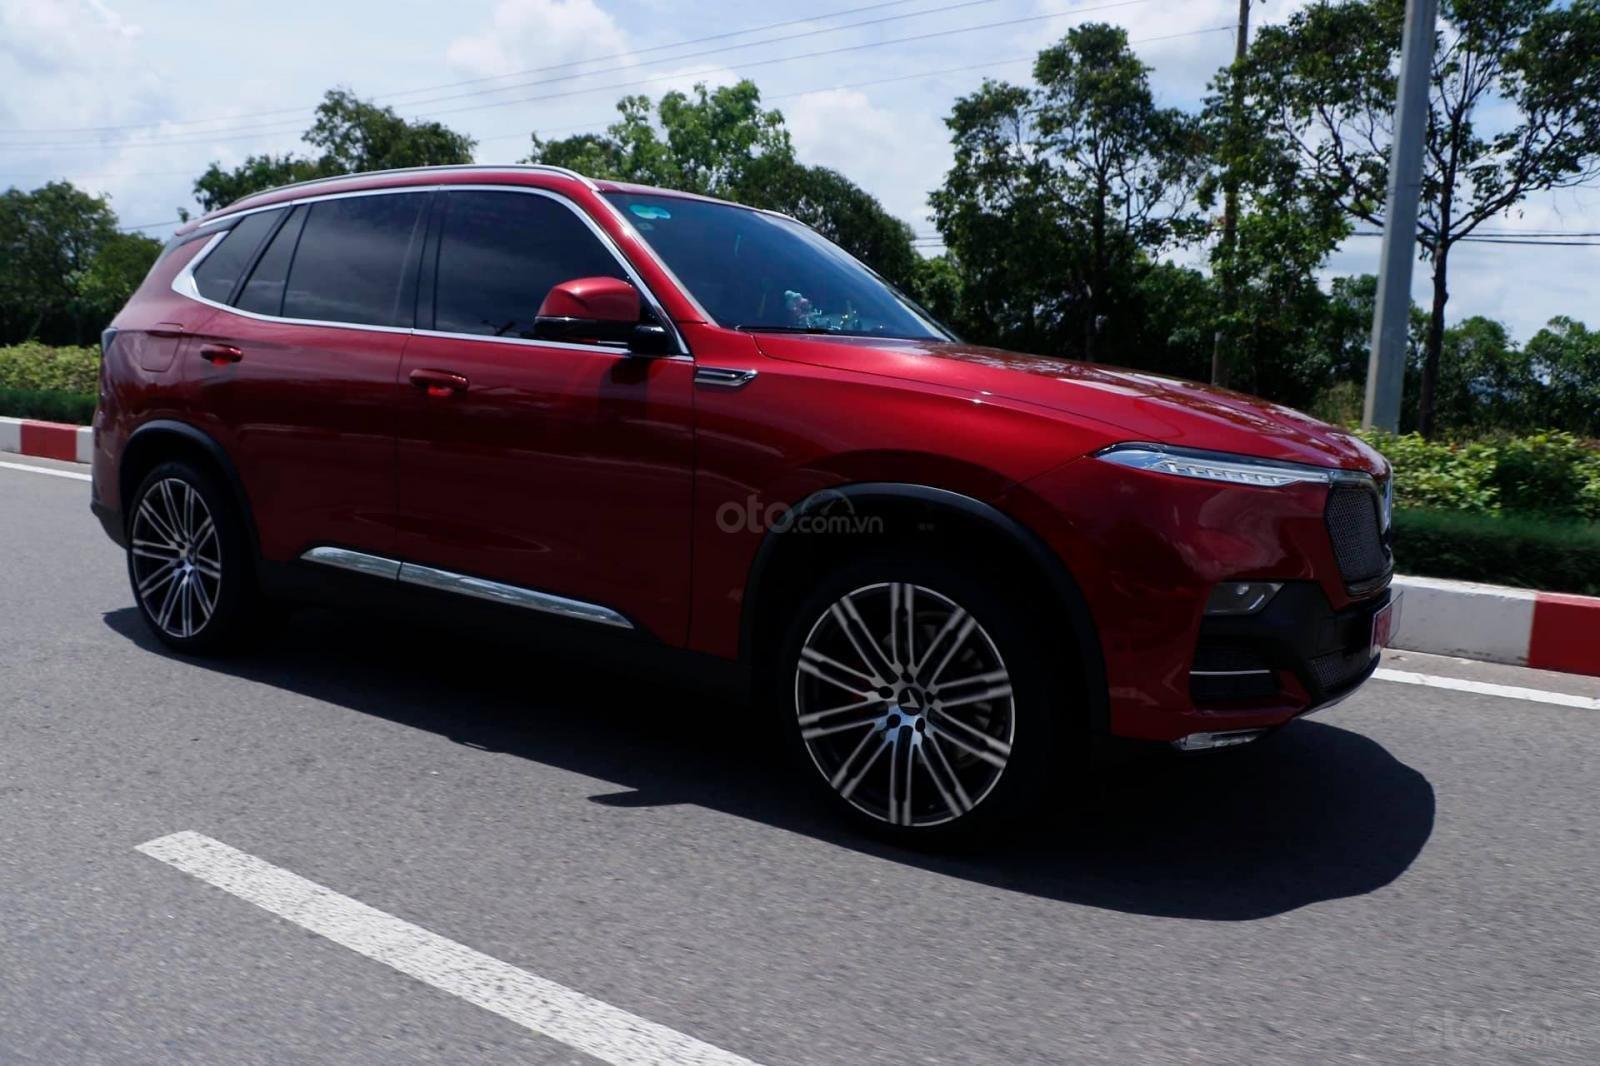 Vinfast LUX SA xe 2020 - vay tối đa 80% xe - vay 2 năm không lãi suất - hỗ trợ chứng minh thu nhập (1)